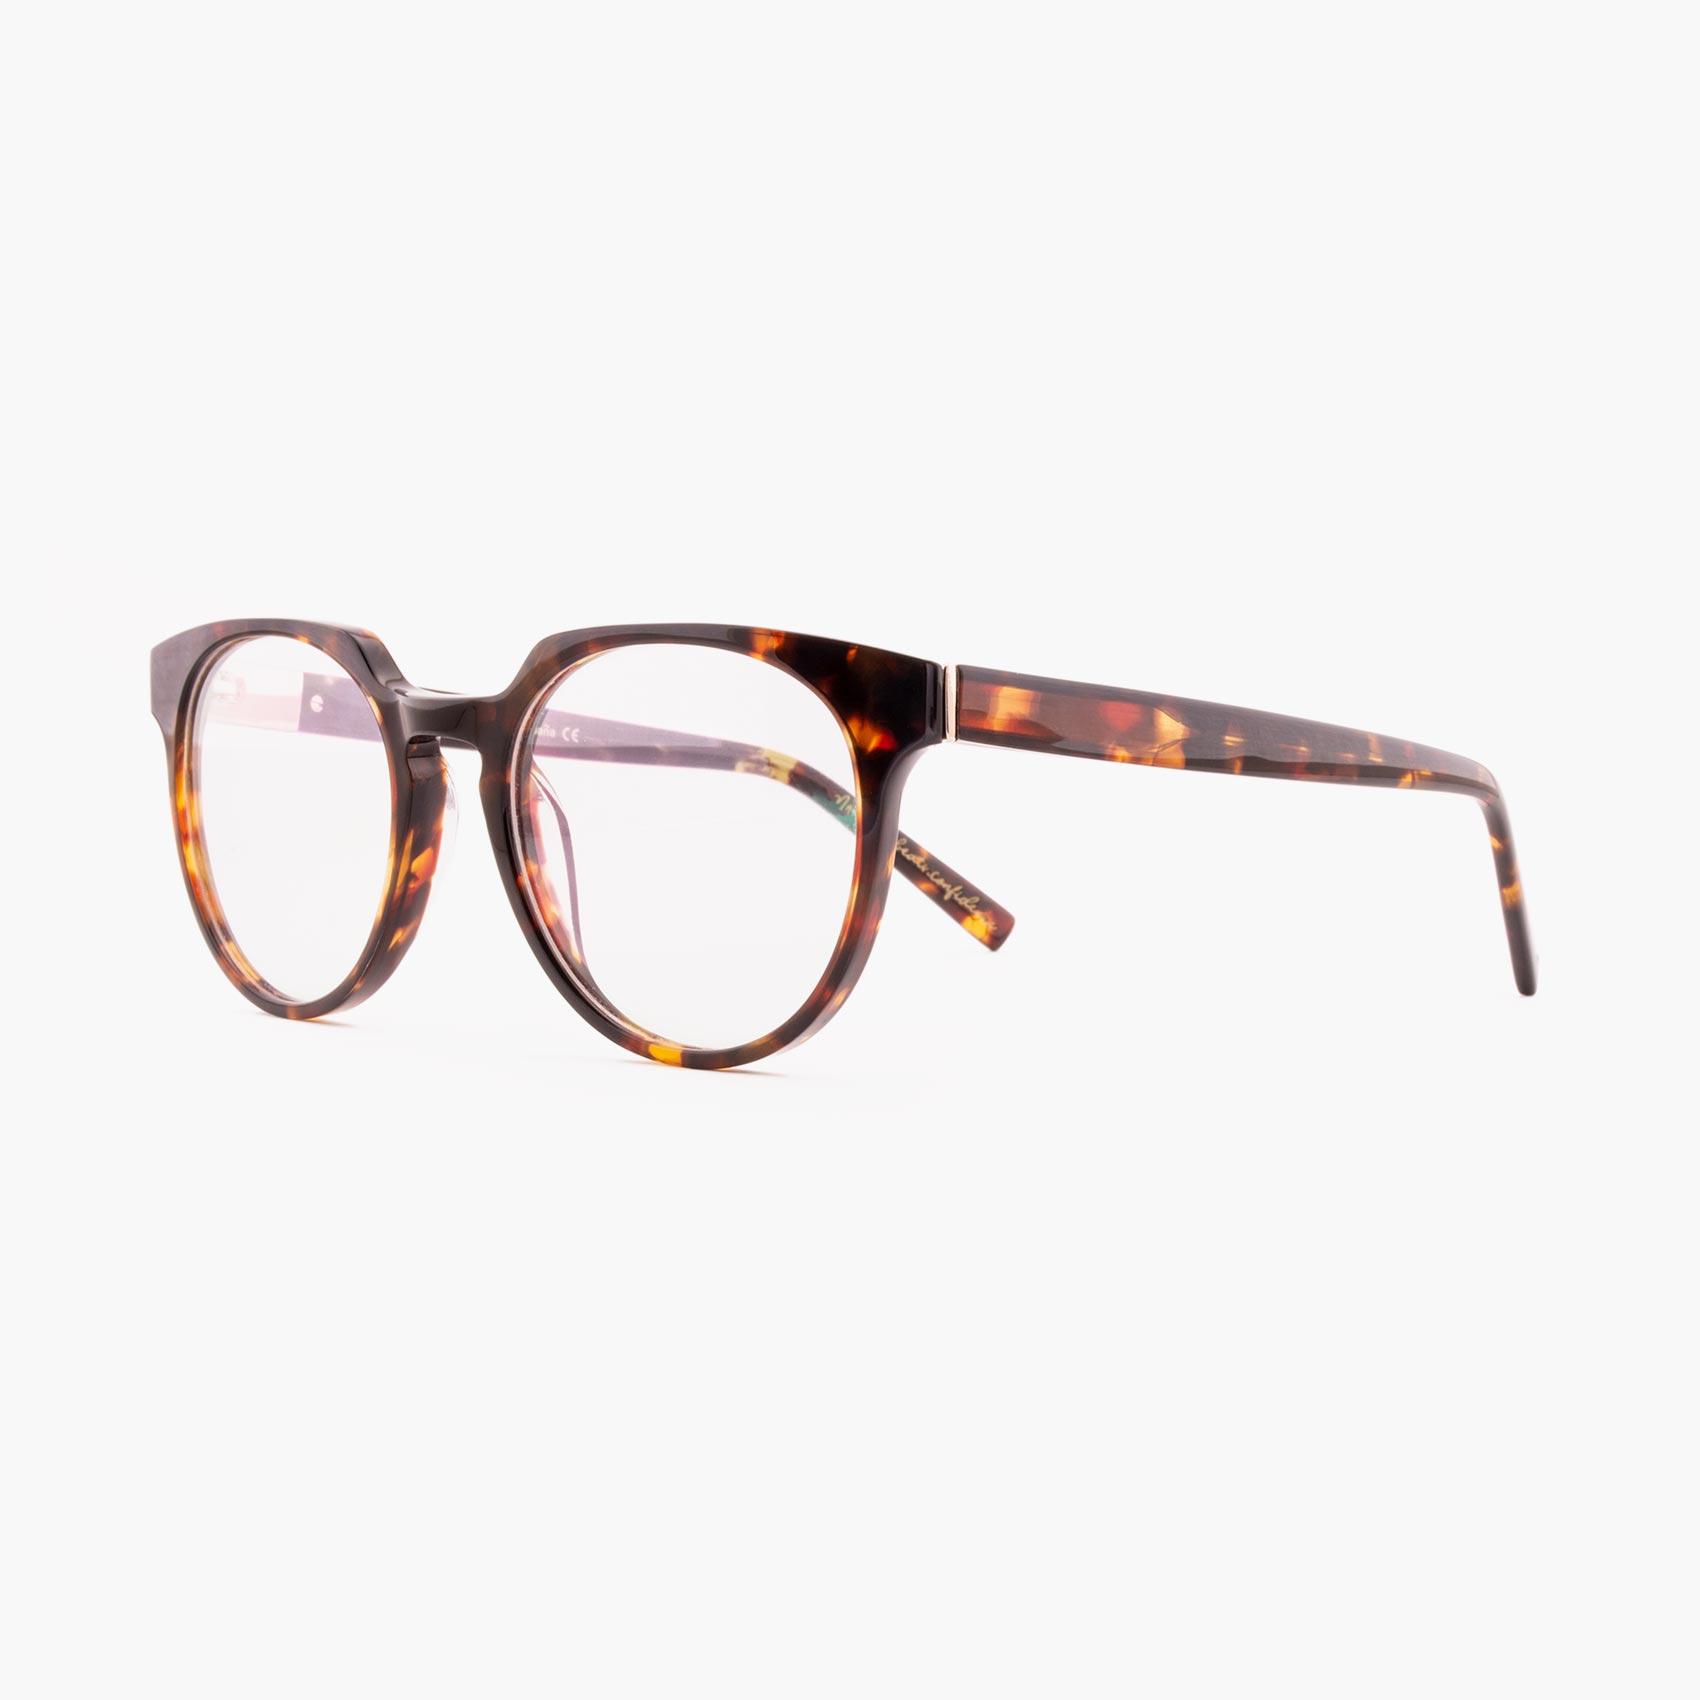 Proud eyewear Benigni C1 L montura con puente de cerradura havana